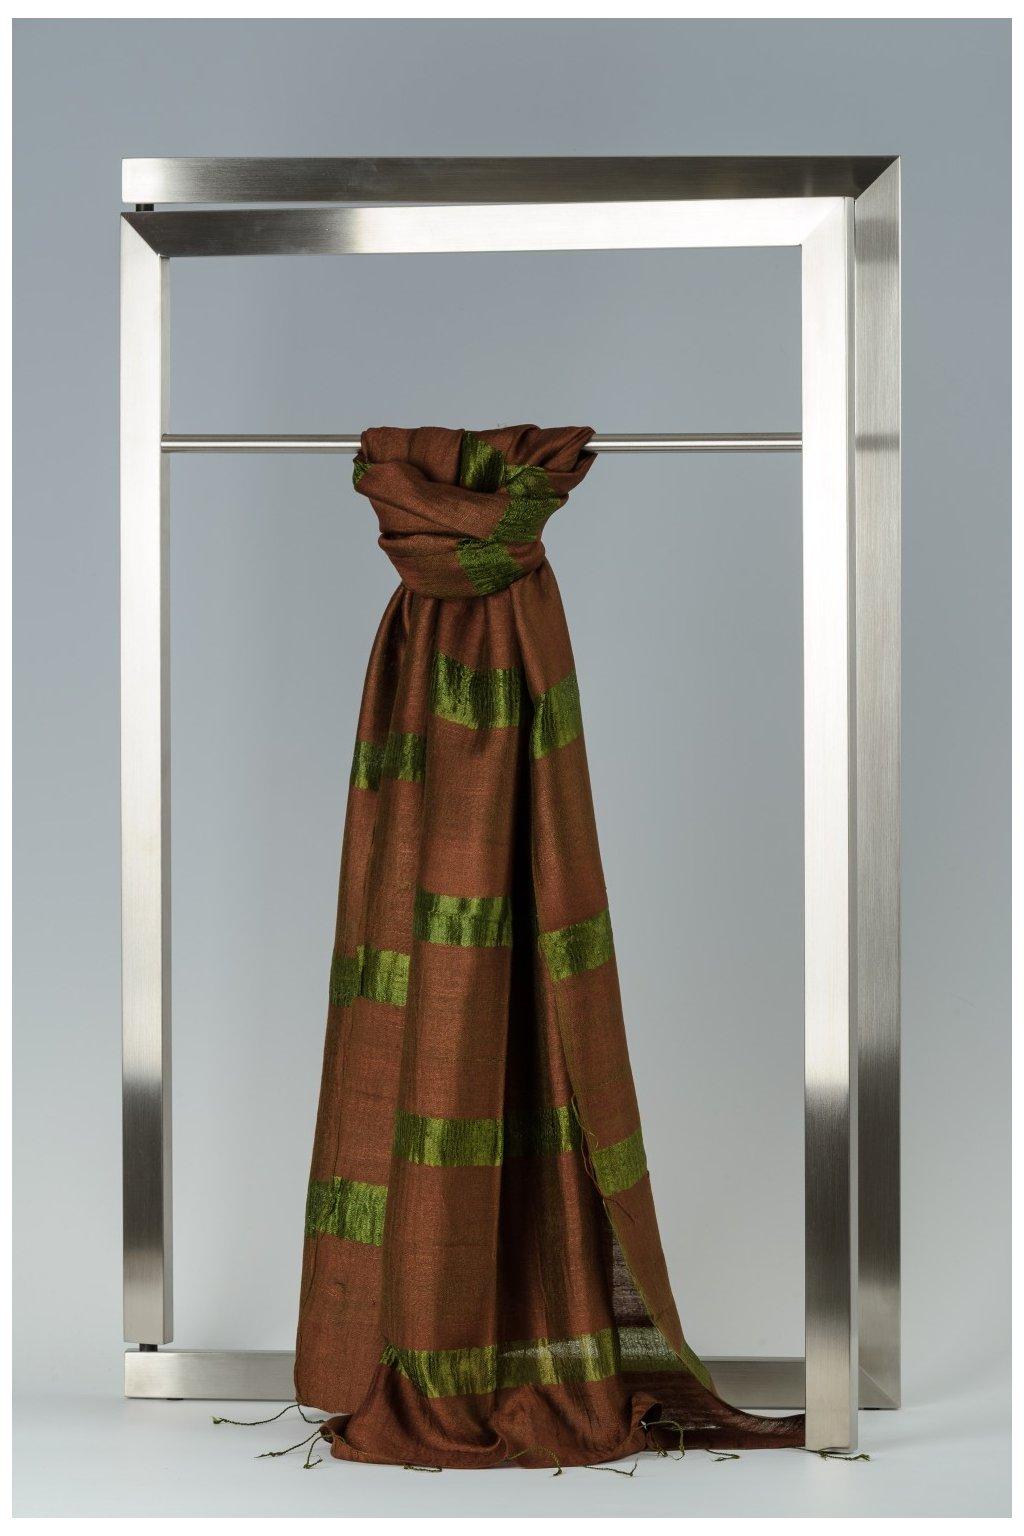 Šála z hedvábí a bavlny s proužky - HBR019